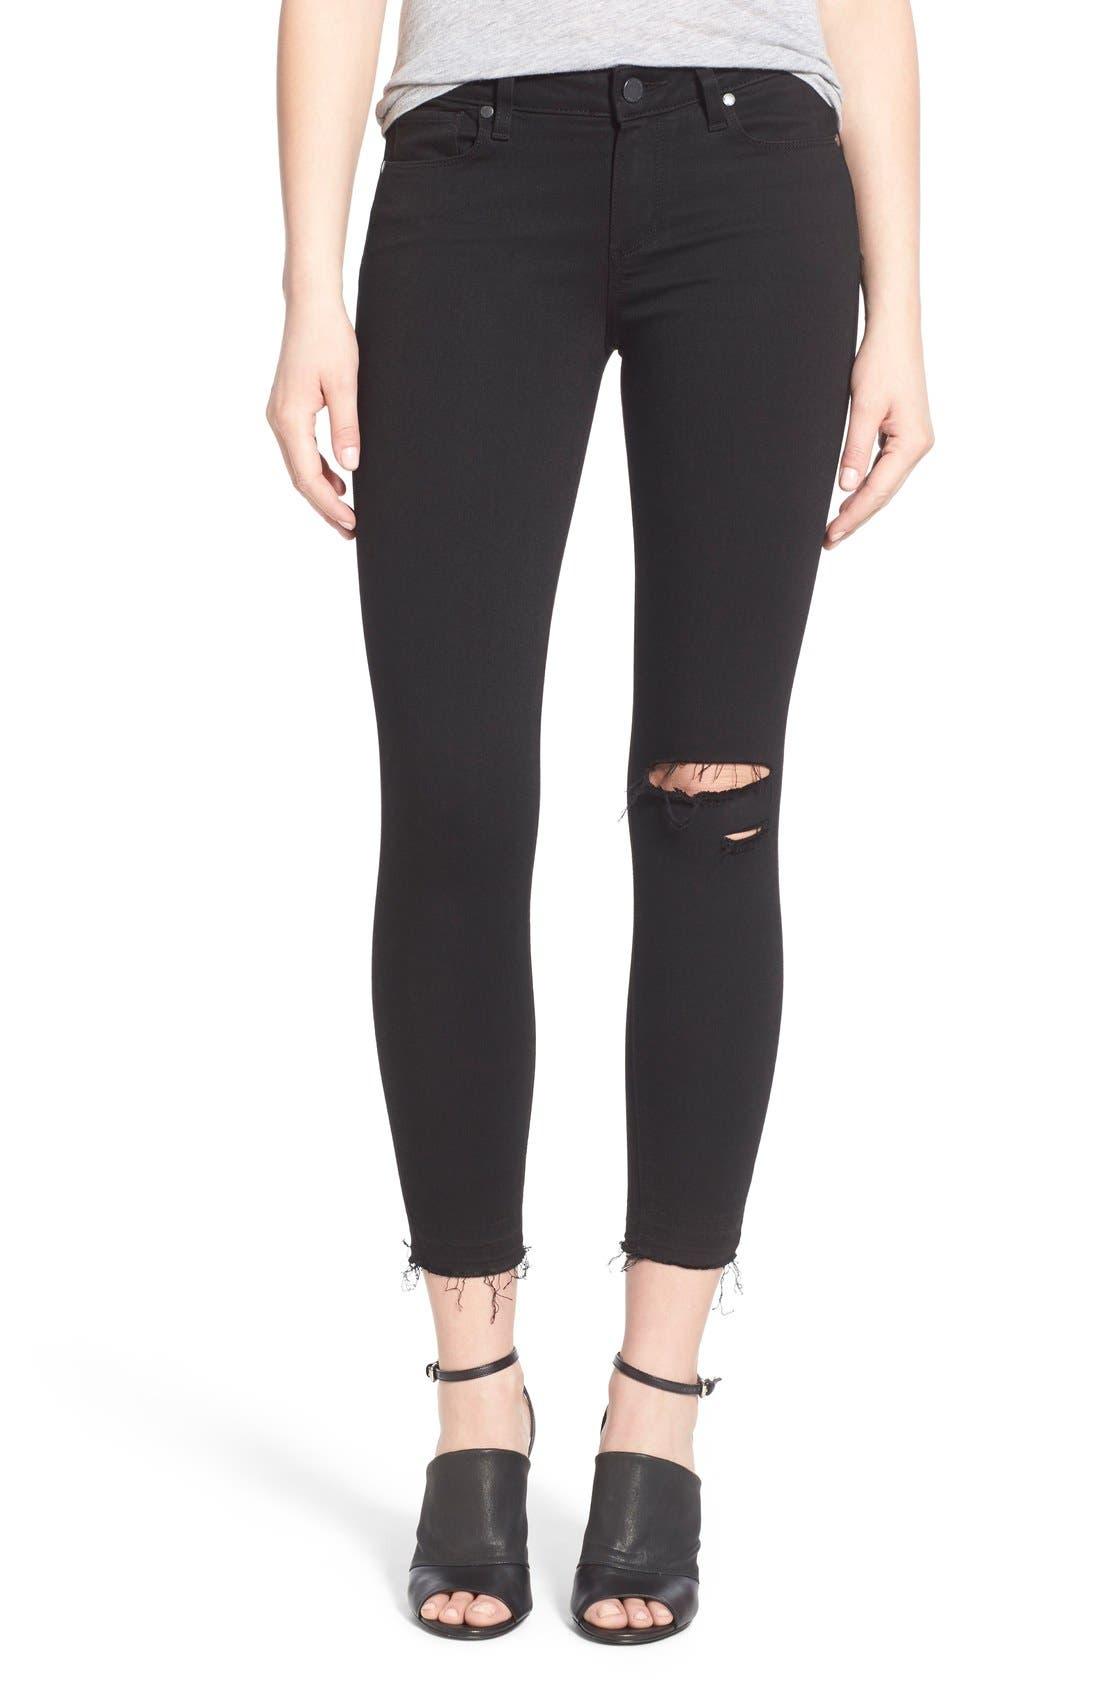 Alternate Image 1 Selected - Paige Denim 'Transcend - Verdugo' Crop Skinny Jeans (Black Destructed)